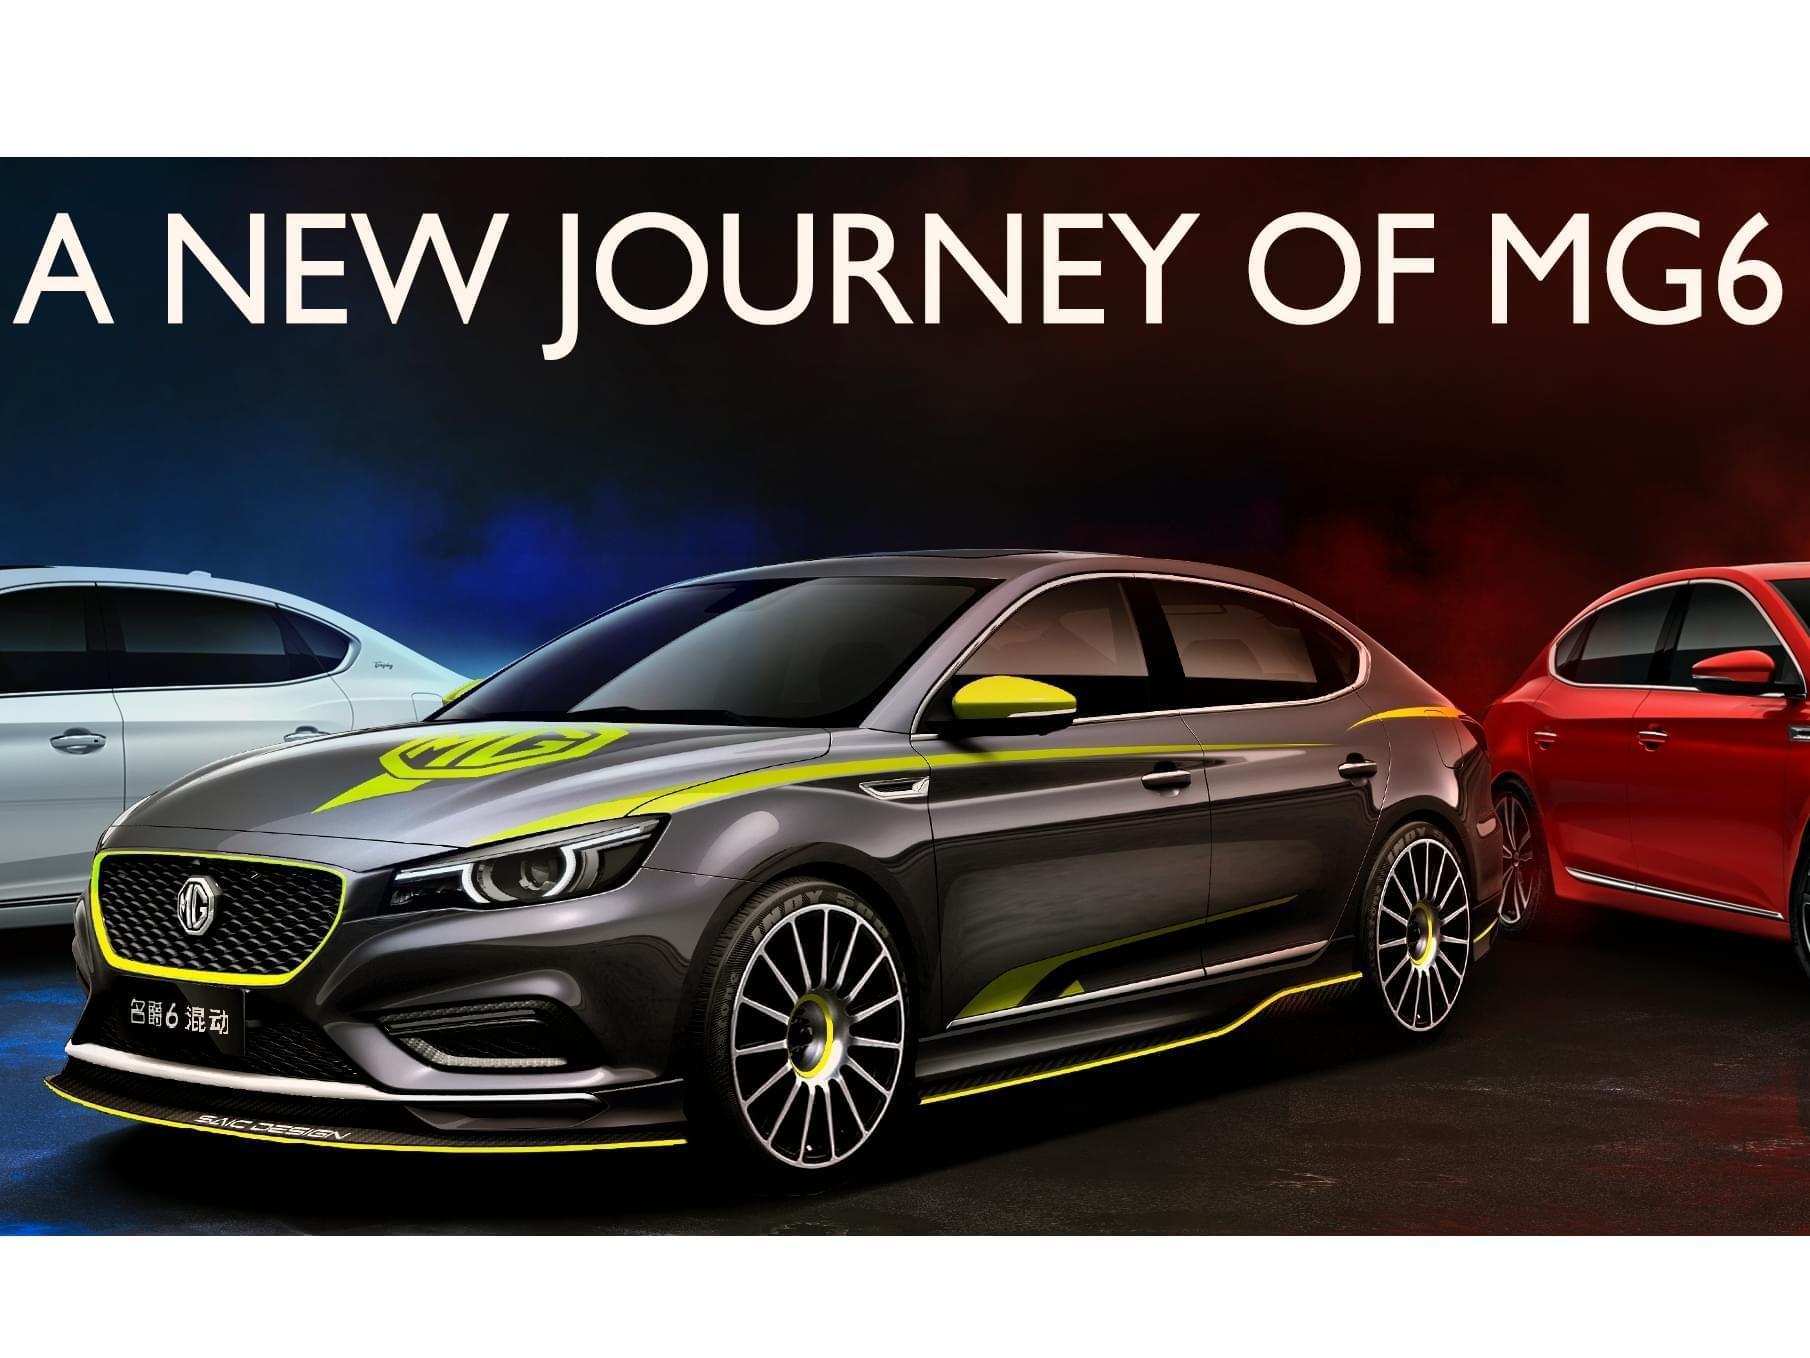 混动的高性能 名爵6将于车展发布特别版